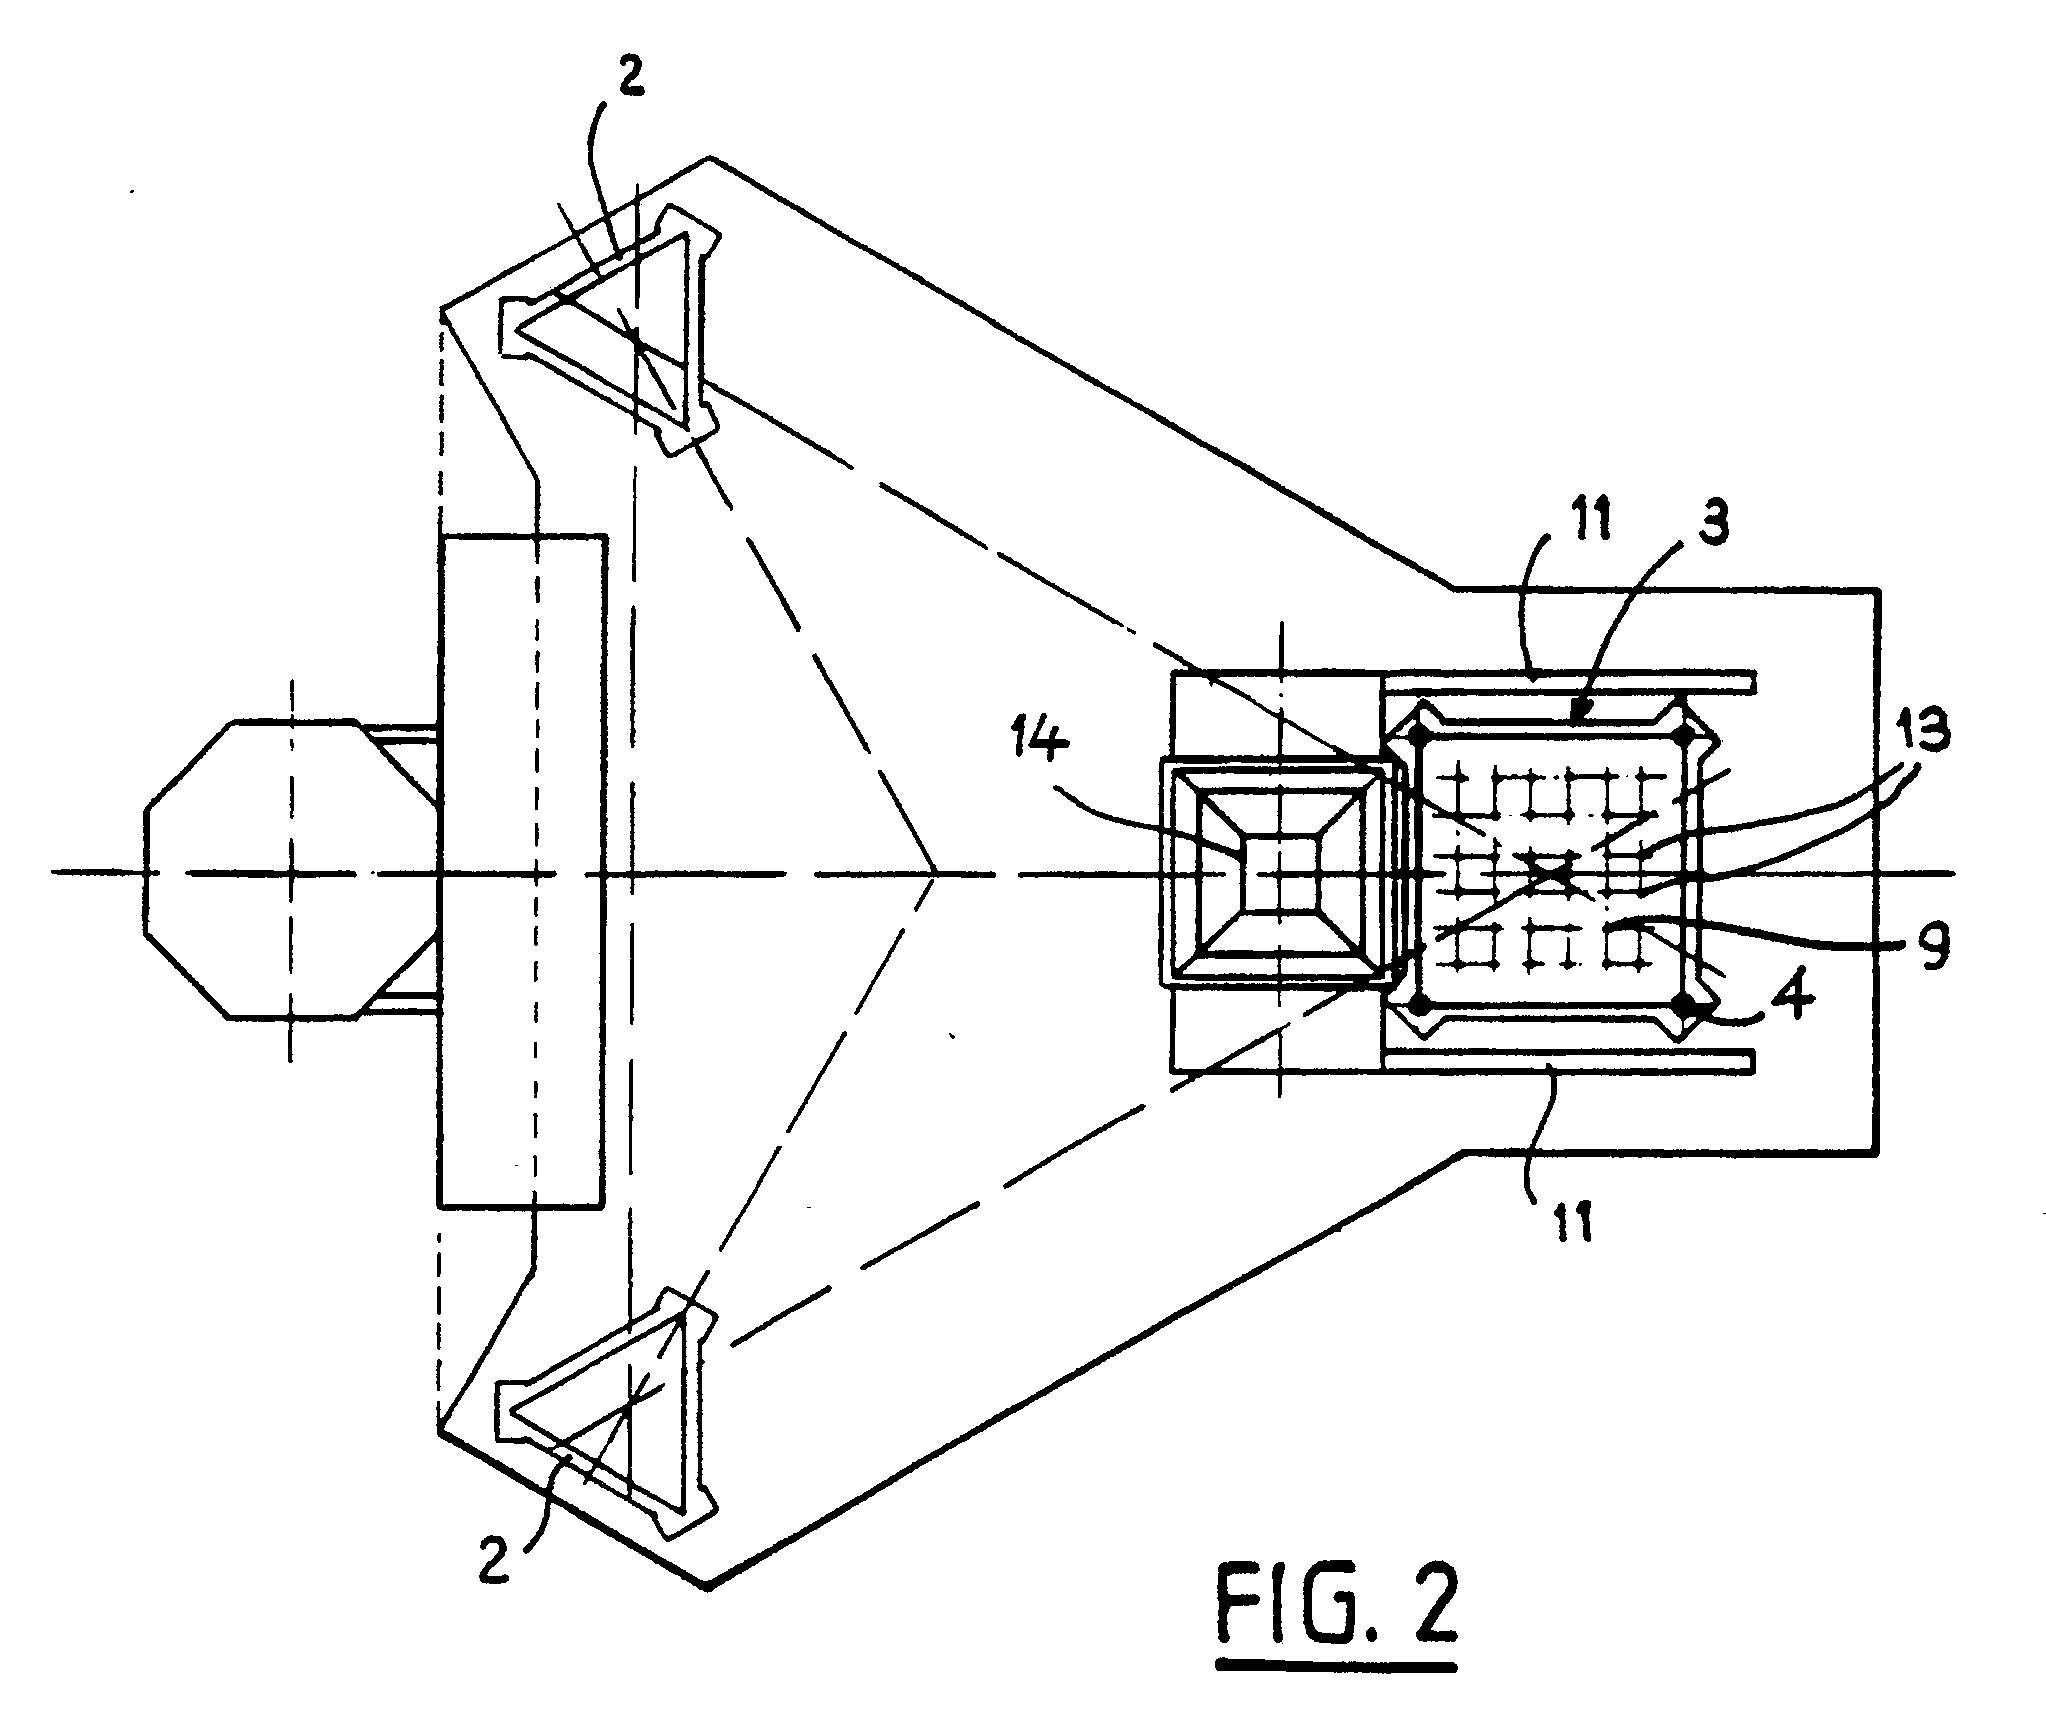 patent ep0252840b1 plate forme p troli re perfectionn e de forage et d 39 exploitation en mer. Black Bedroom Furniture Sets. Home Design Ideas